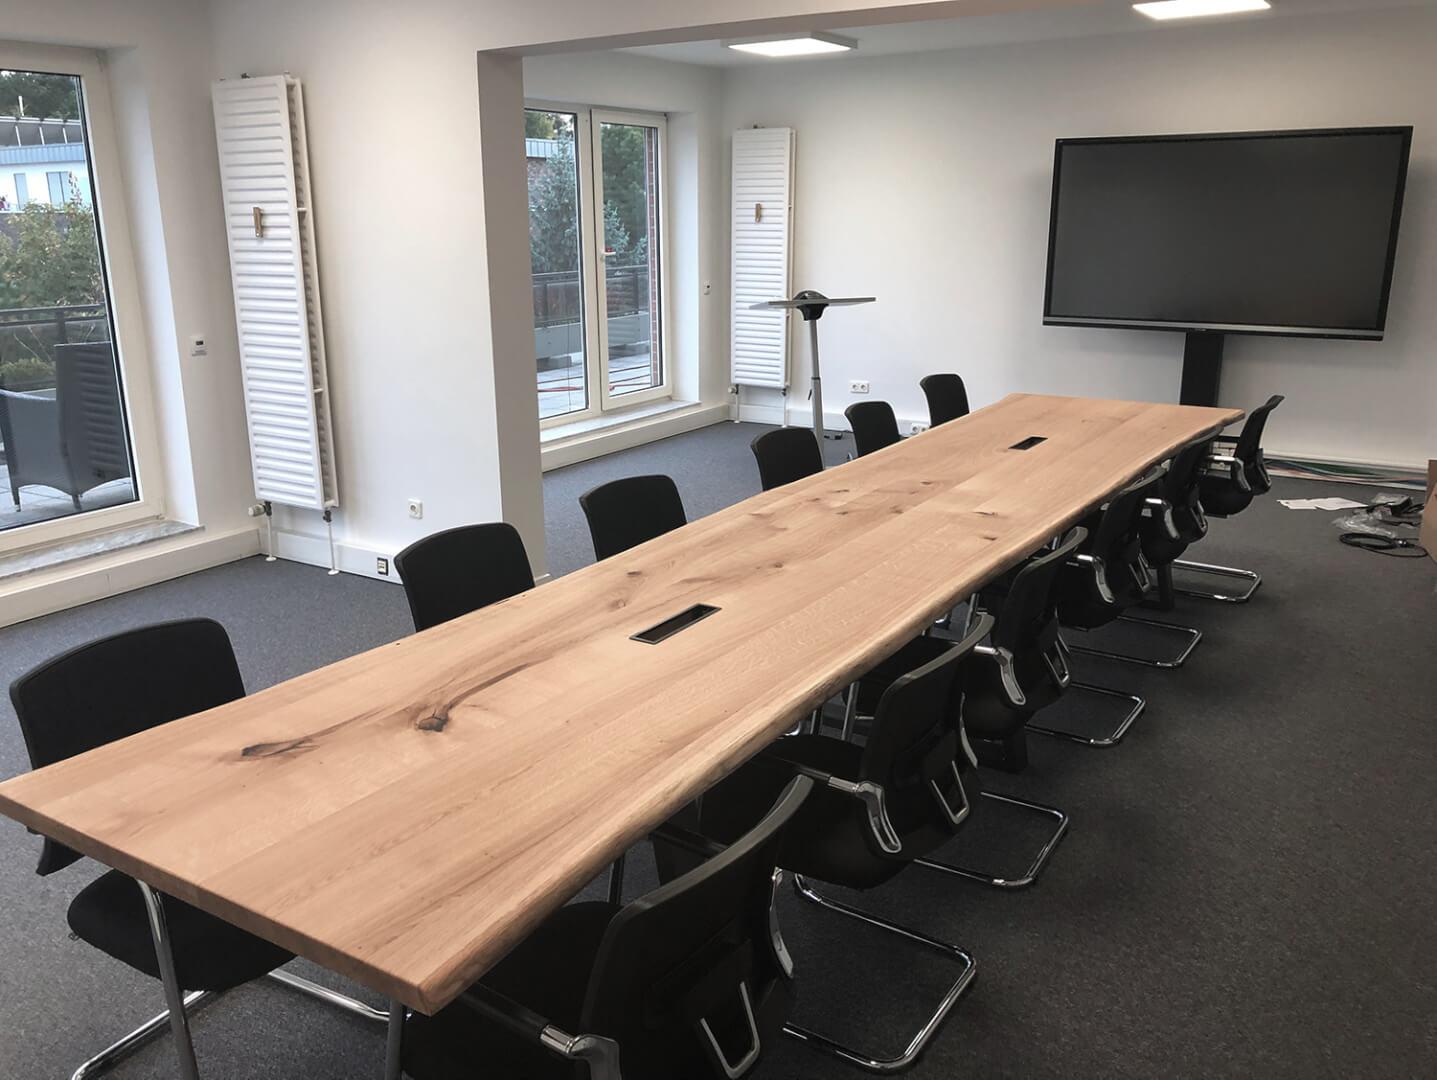 Baumtisch | Konferenz Tisch | Naturholz | Hamburg